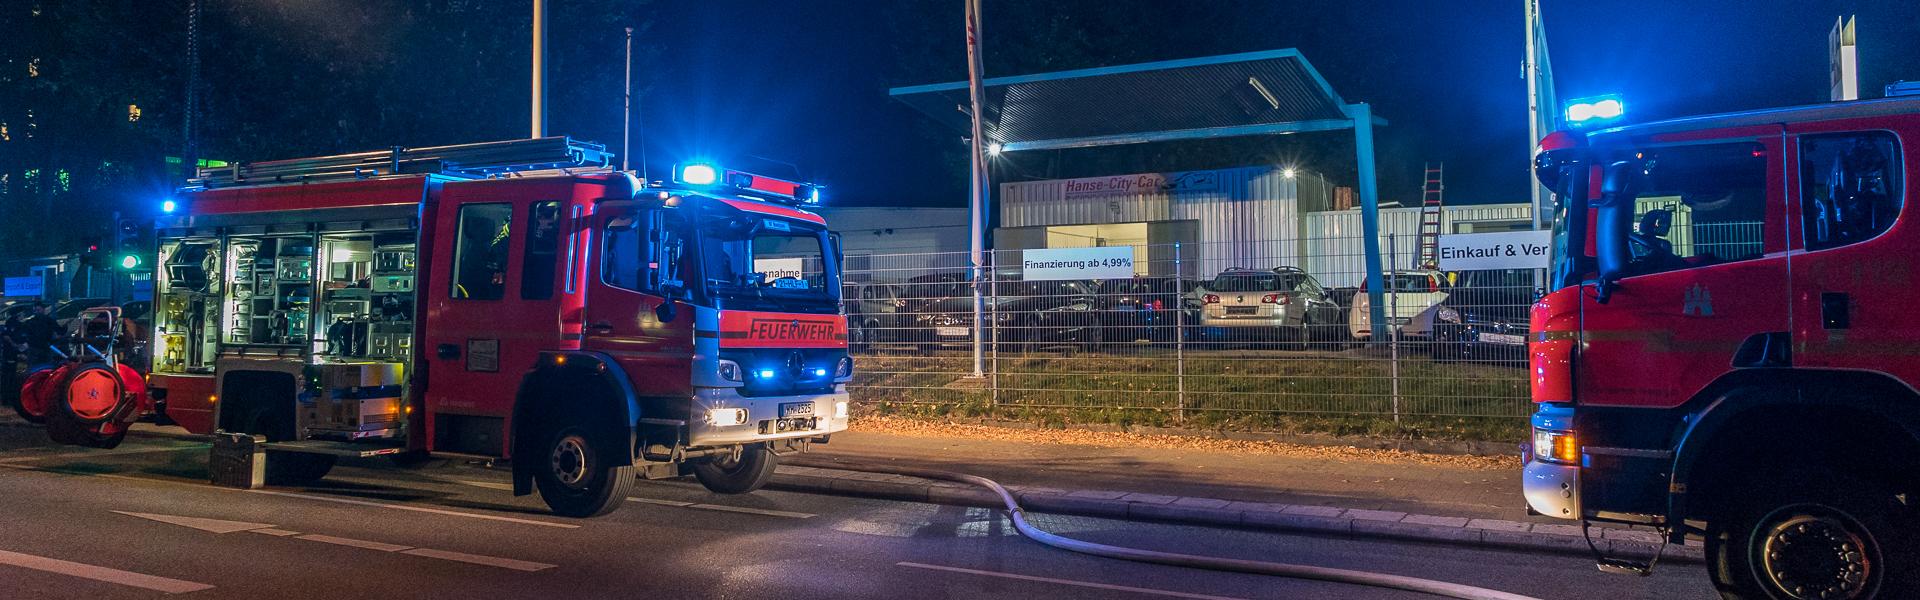 17.10.2018 – Werkstattbrand durch Dachdeckerarbeiten